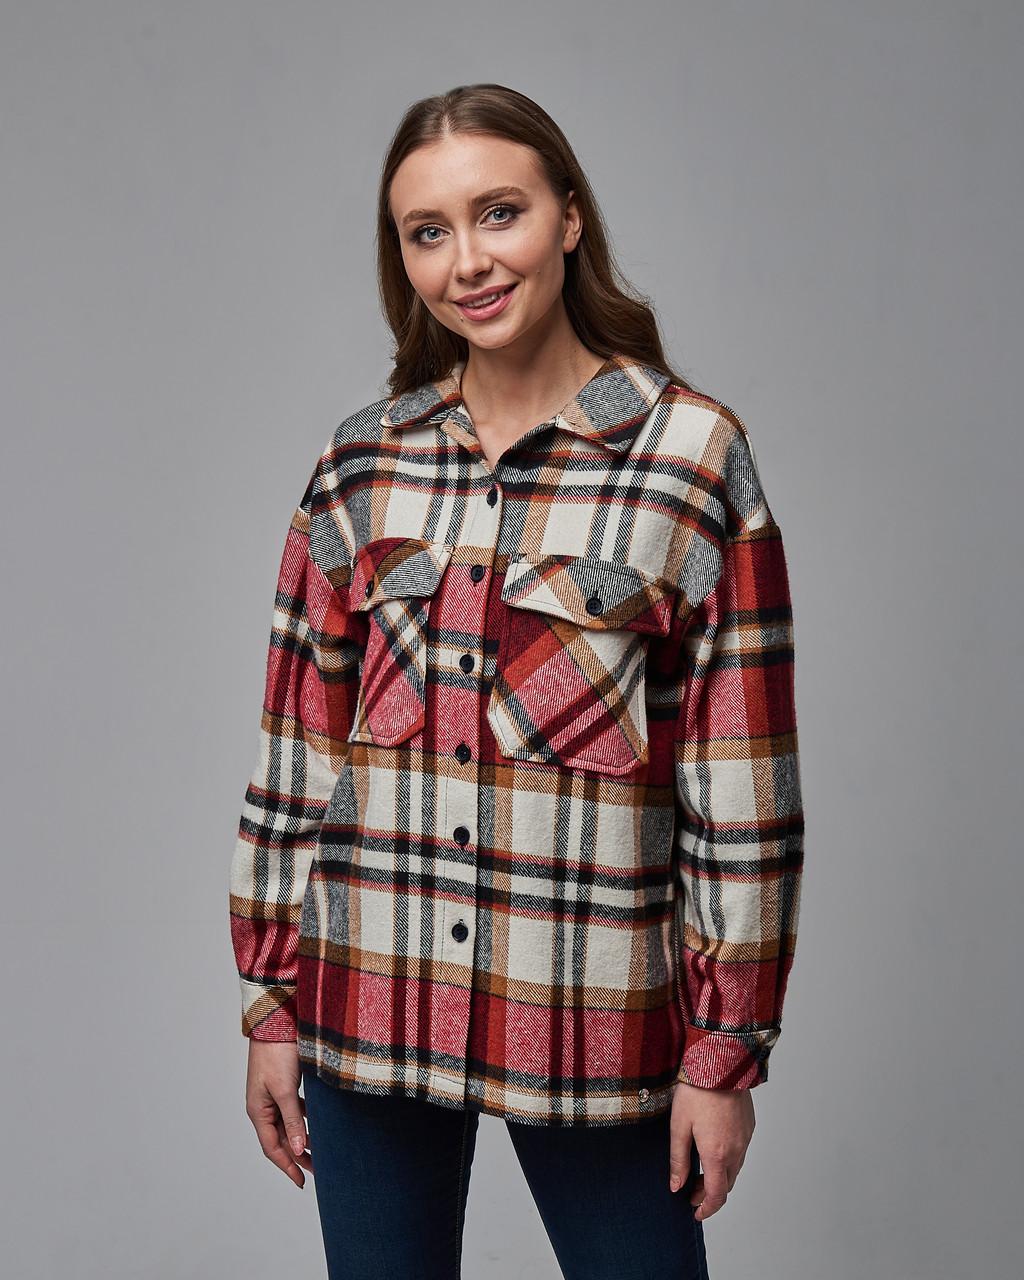 Теплая клетчатая женская рубашка. Турция